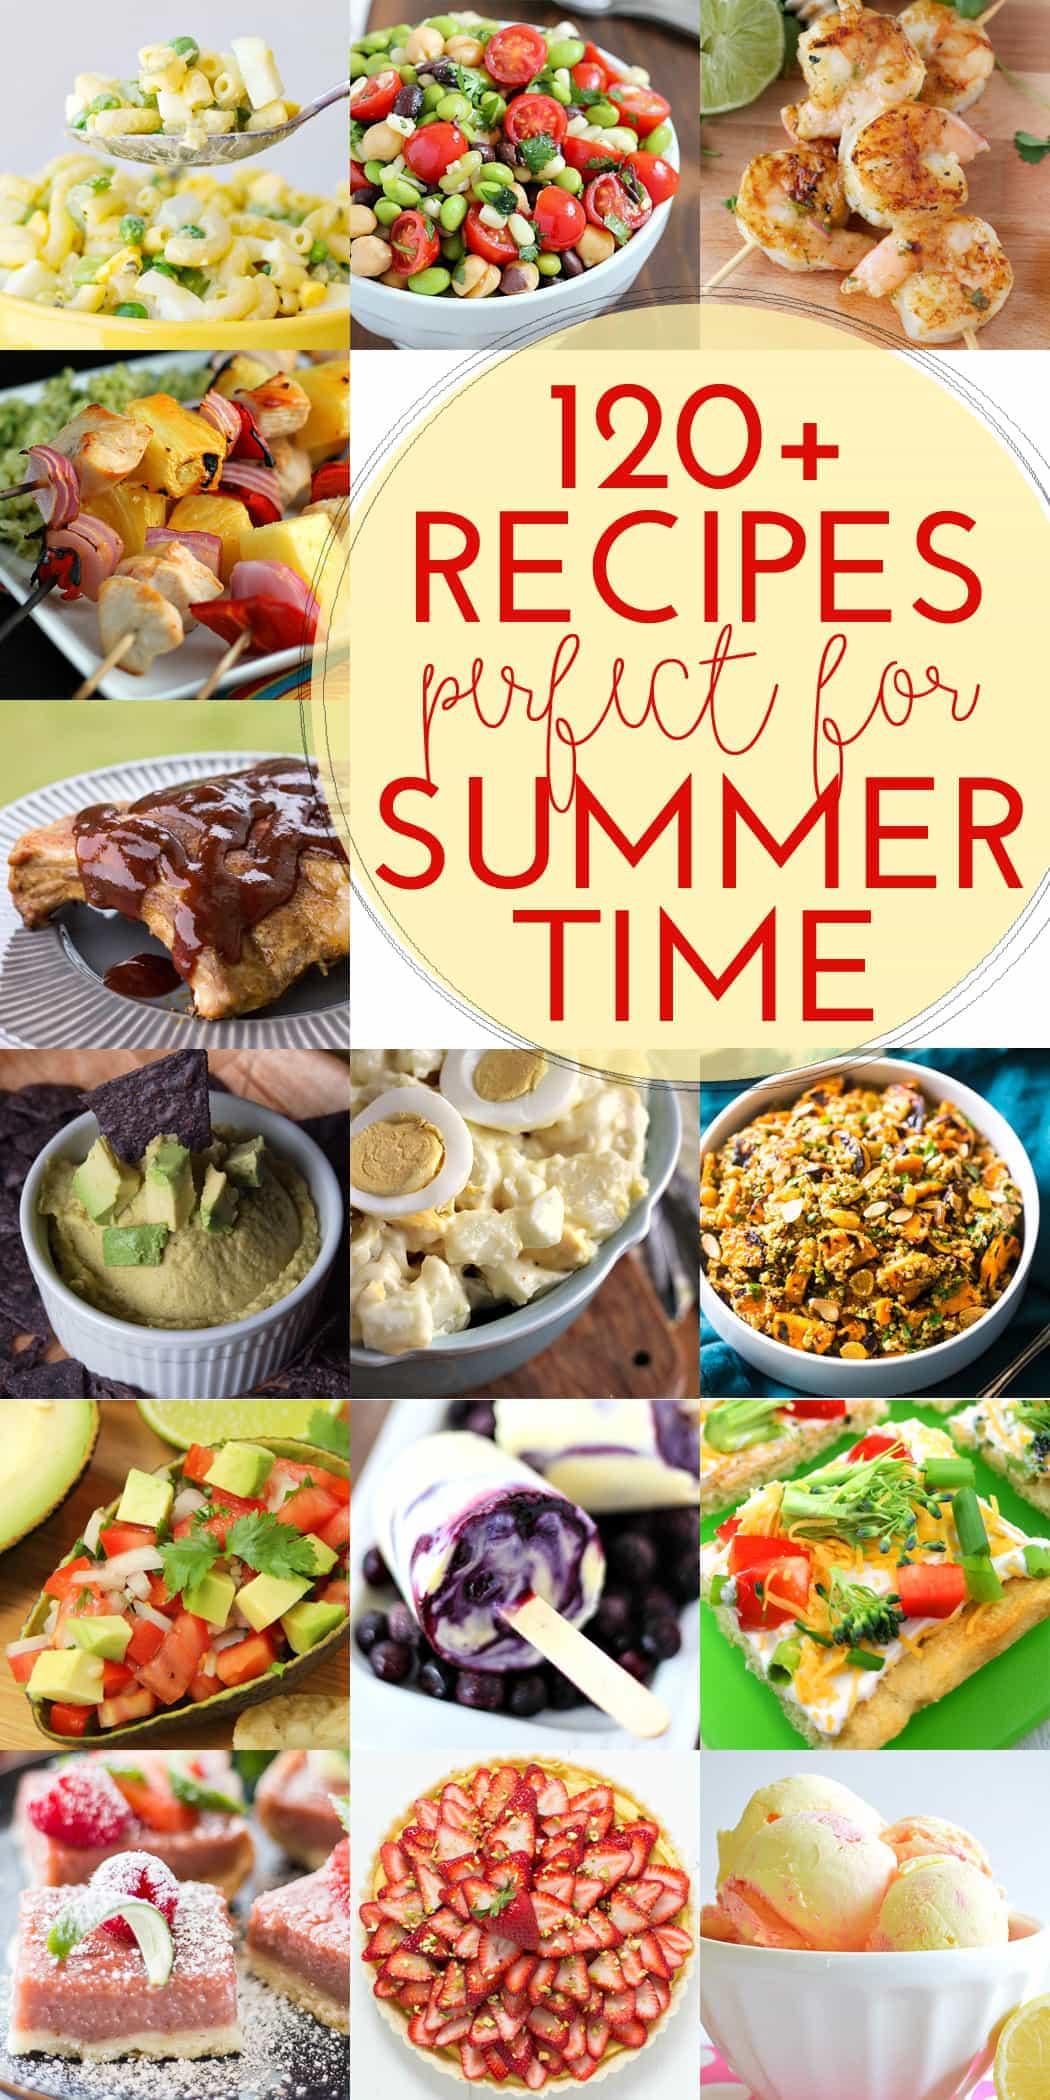 120+ Recipes for Summer BBQs!